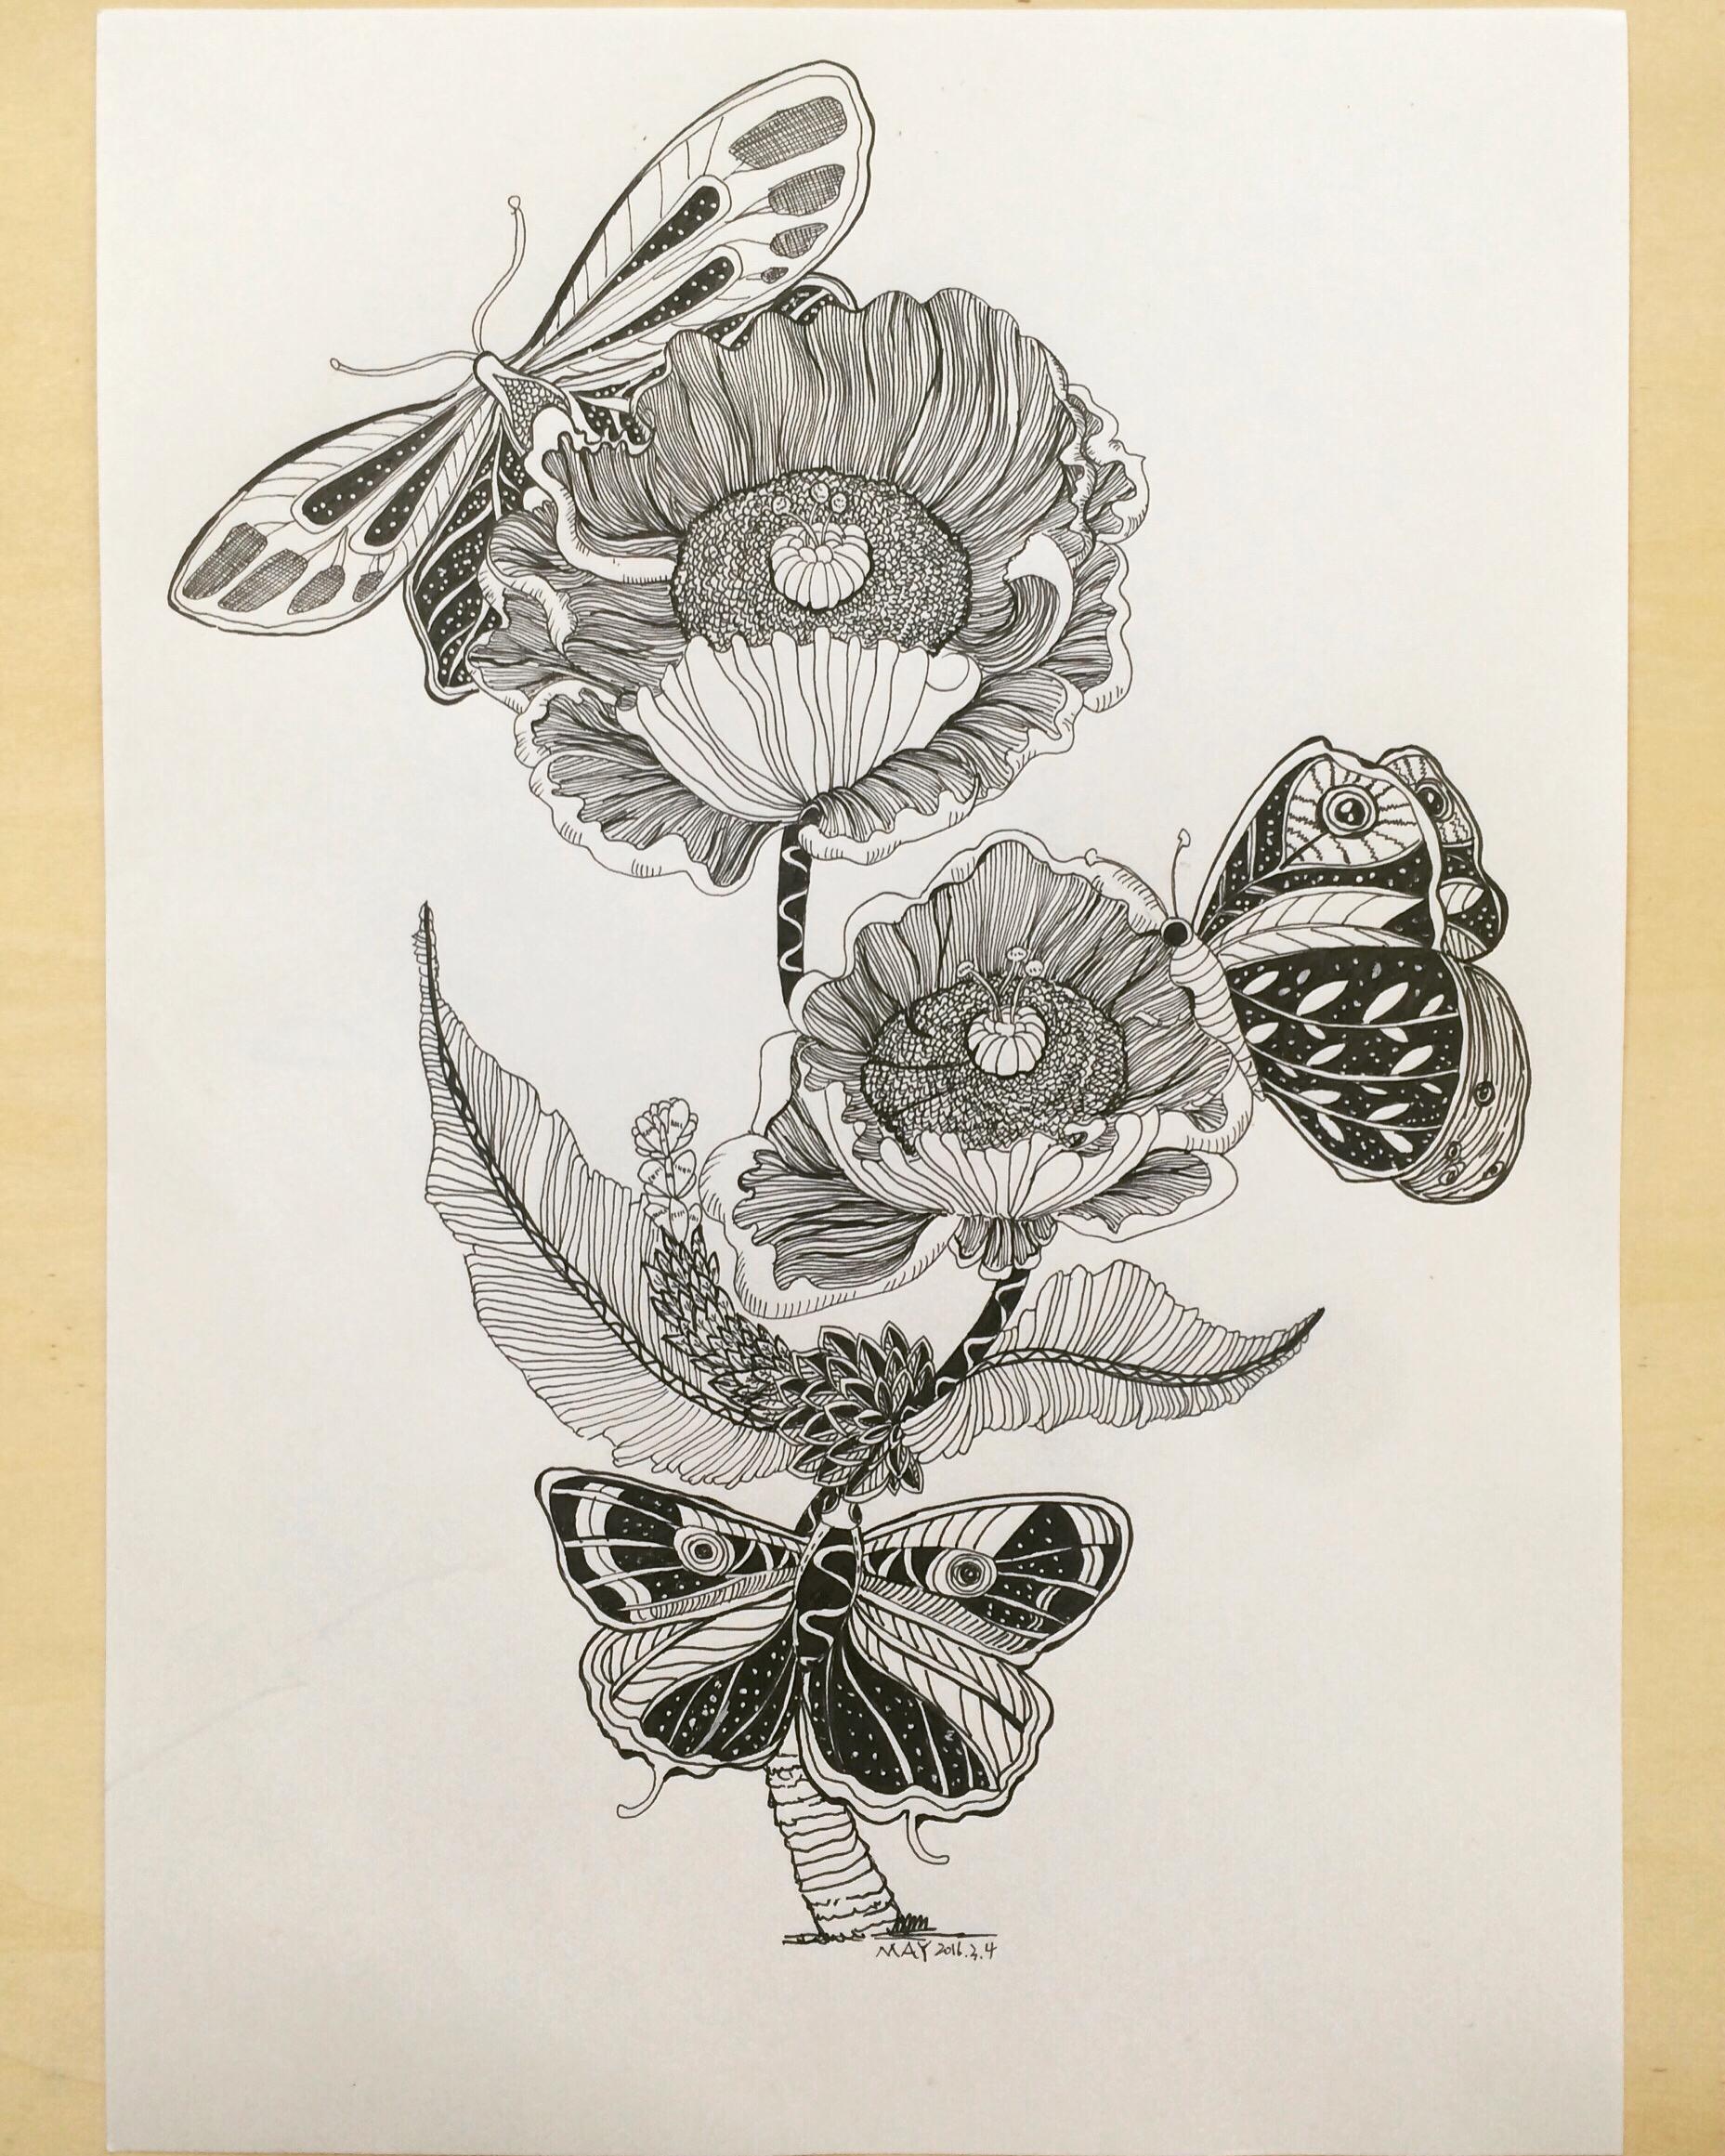 黑白手绘练习|平面|图案|湄卿eyexiu - 原创作品